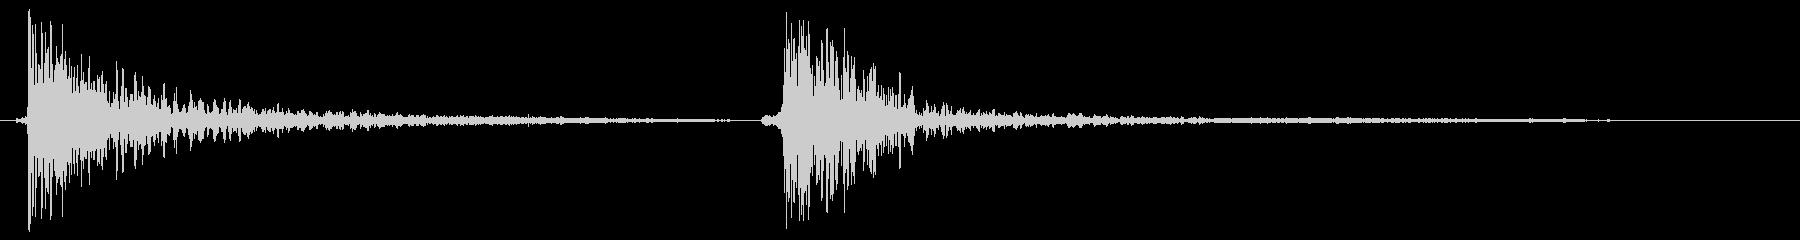 バンバンッ(物を叩く・打つ音)の未再生の波形